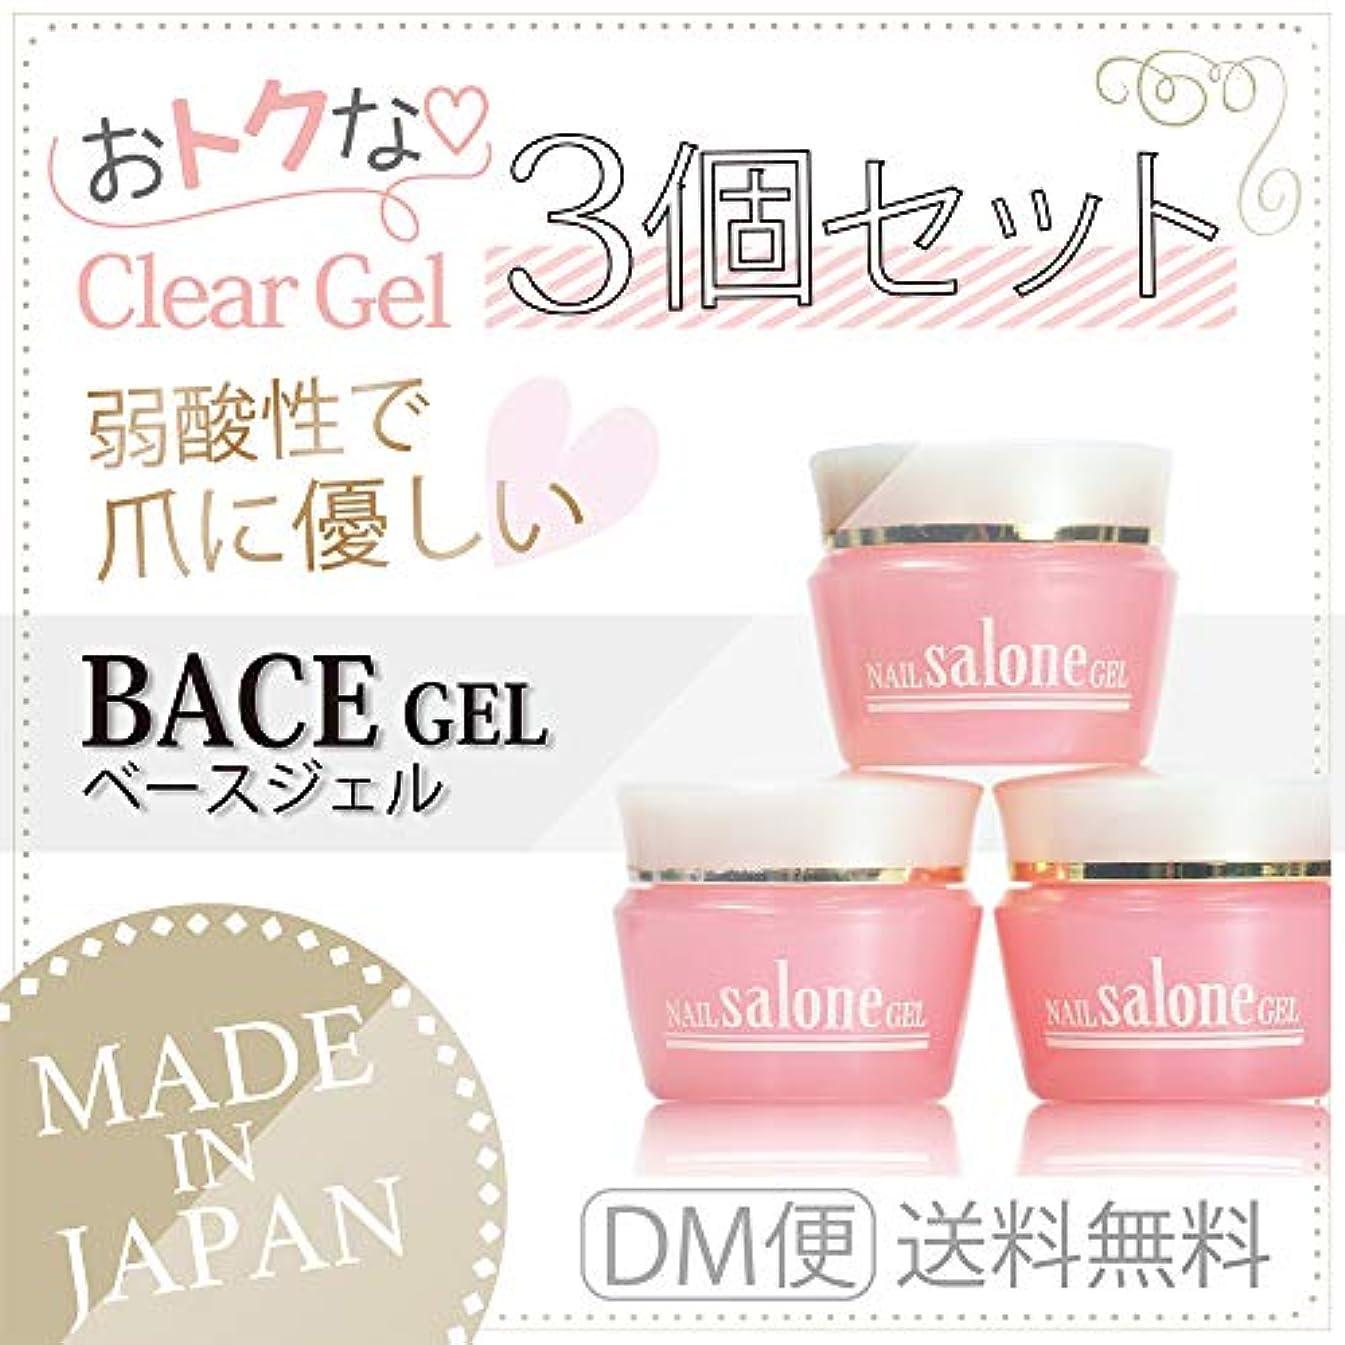 ほんの方向倒産Salone gel サローネ ベースジェル お得な3個セット 爪に優しい 日本製 驚きの密着力 リムーバーでオフも簡単3g